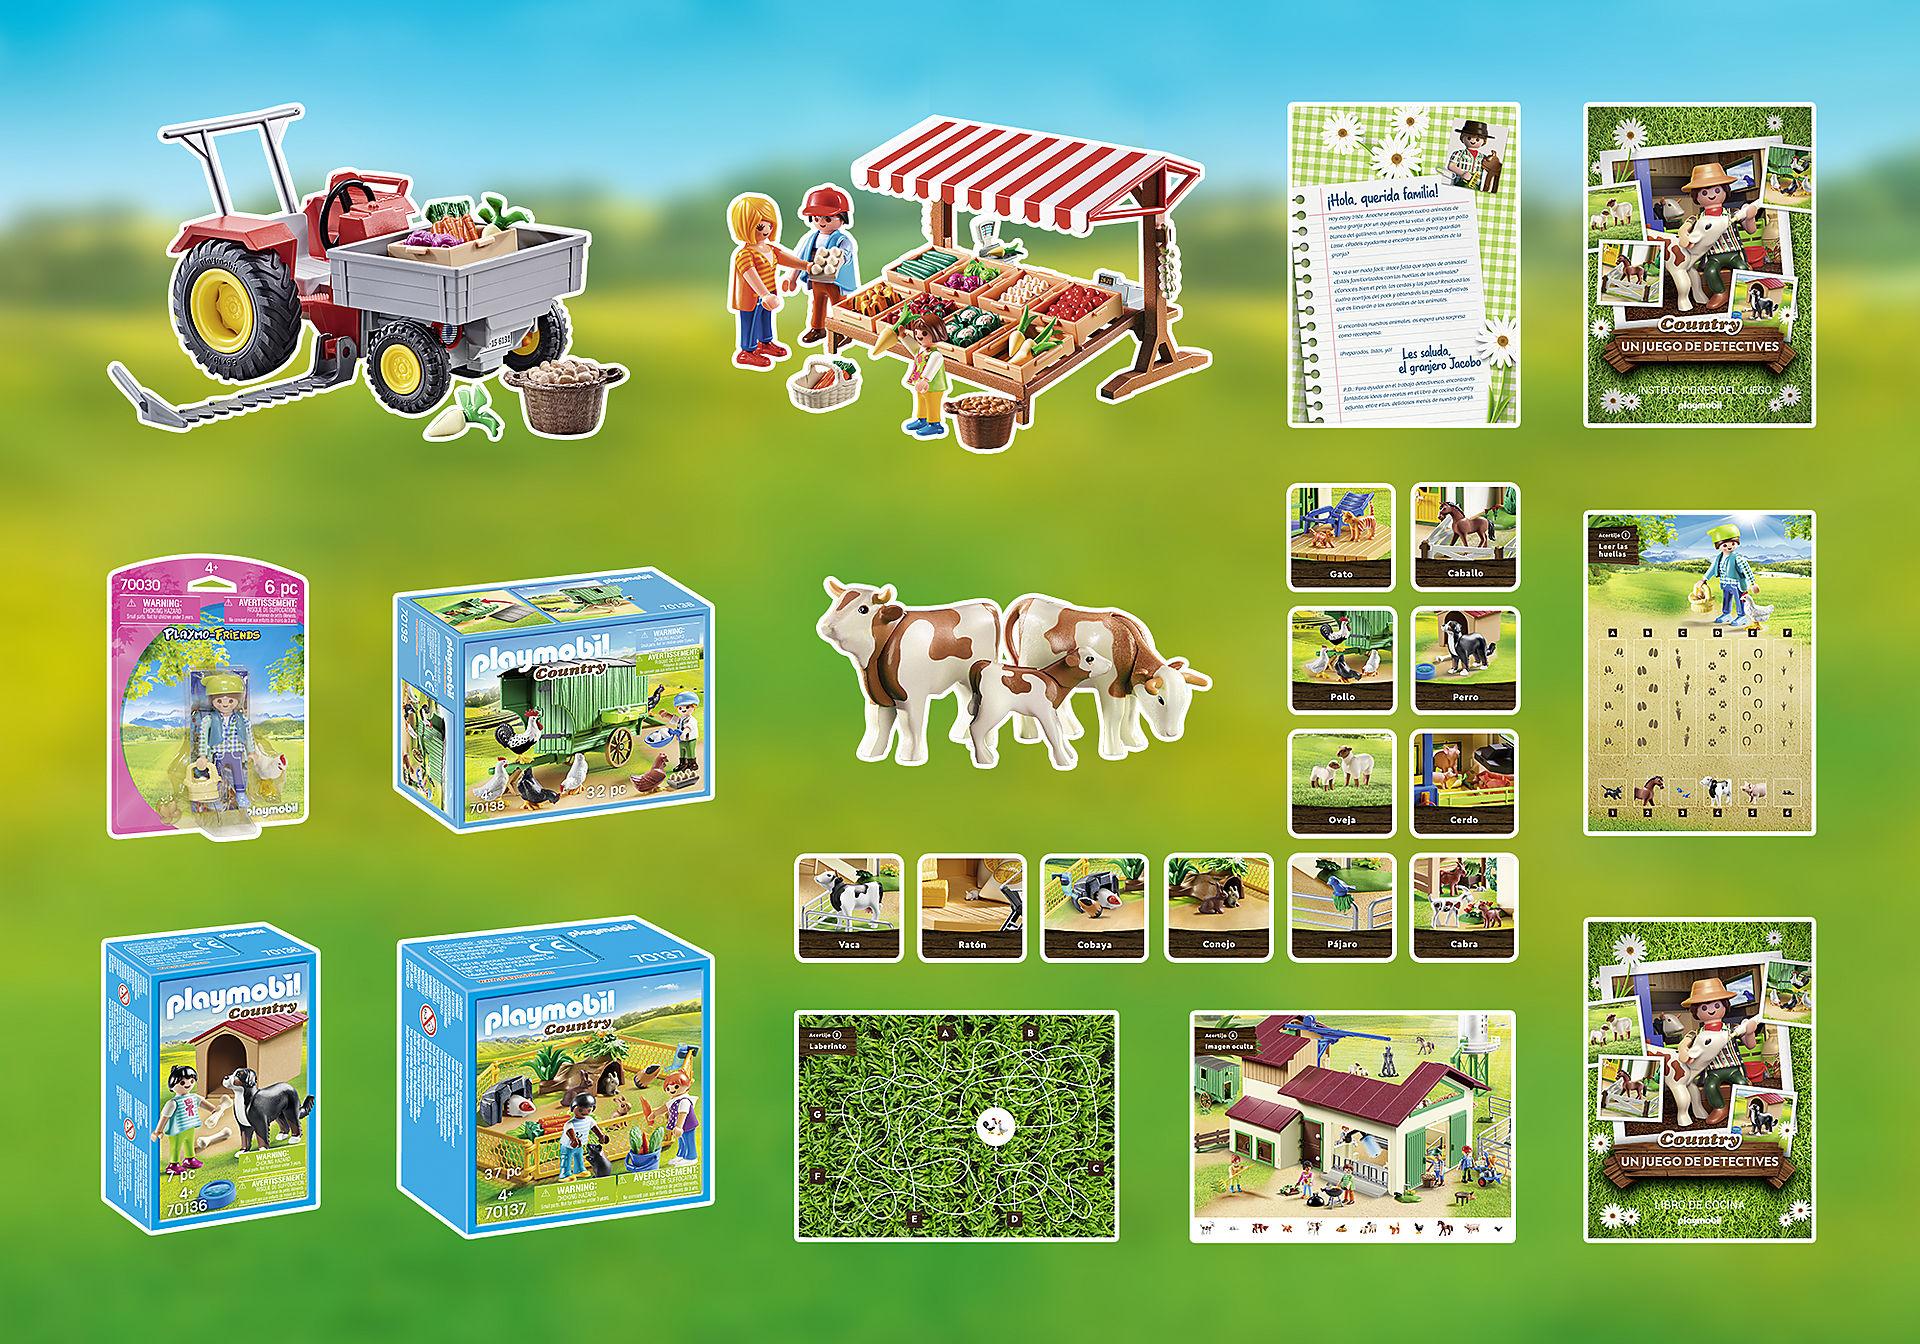 70851 PLAYMOBIL®Box: COUNTRY EL juego de detectives zoom image3